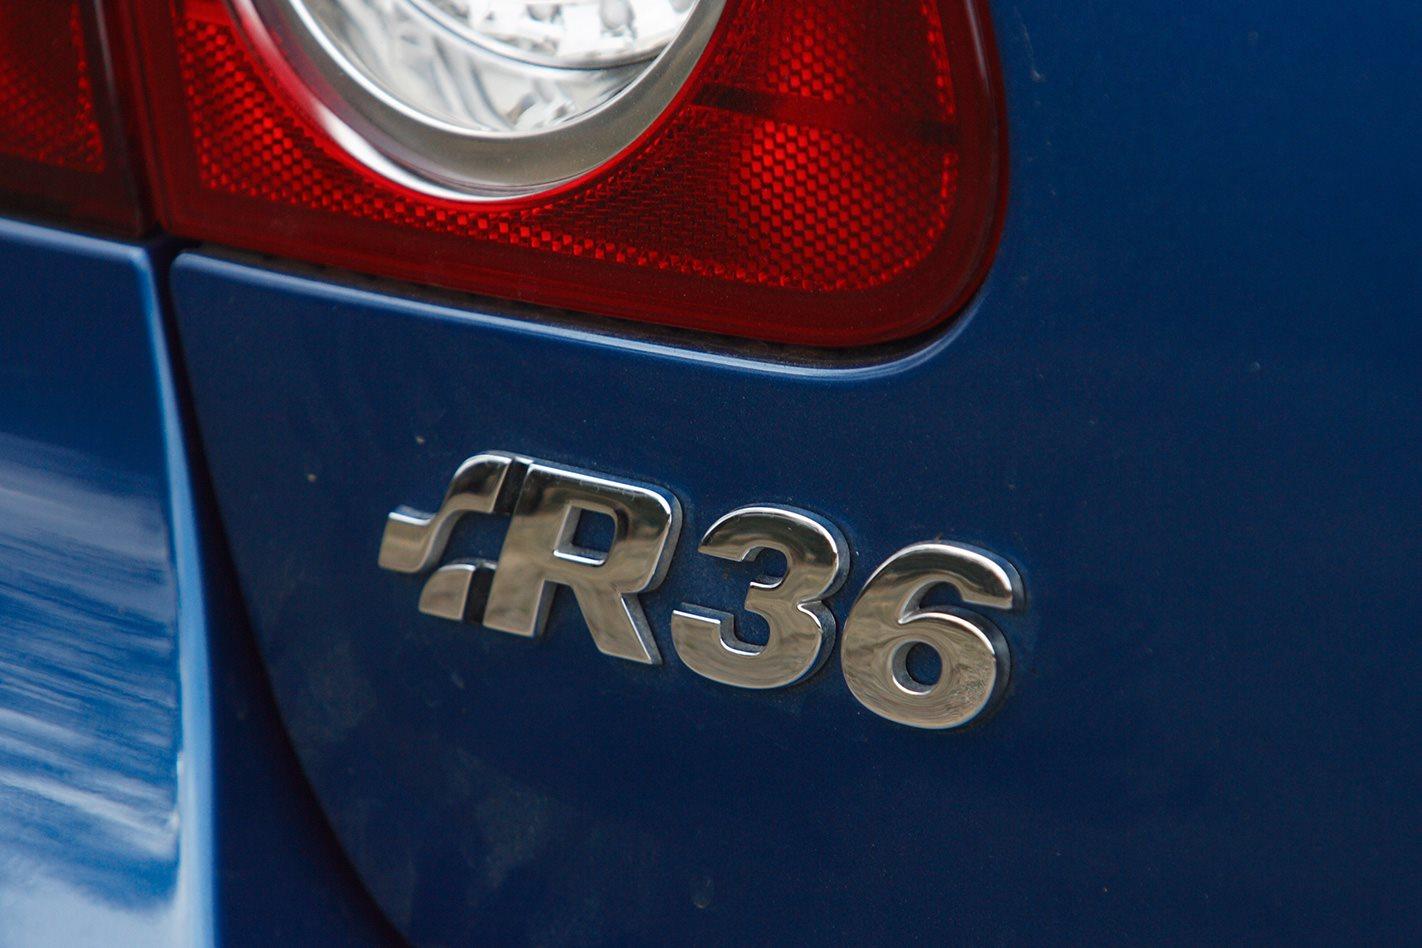 2008-Volkswagen-Passat-R36 badge